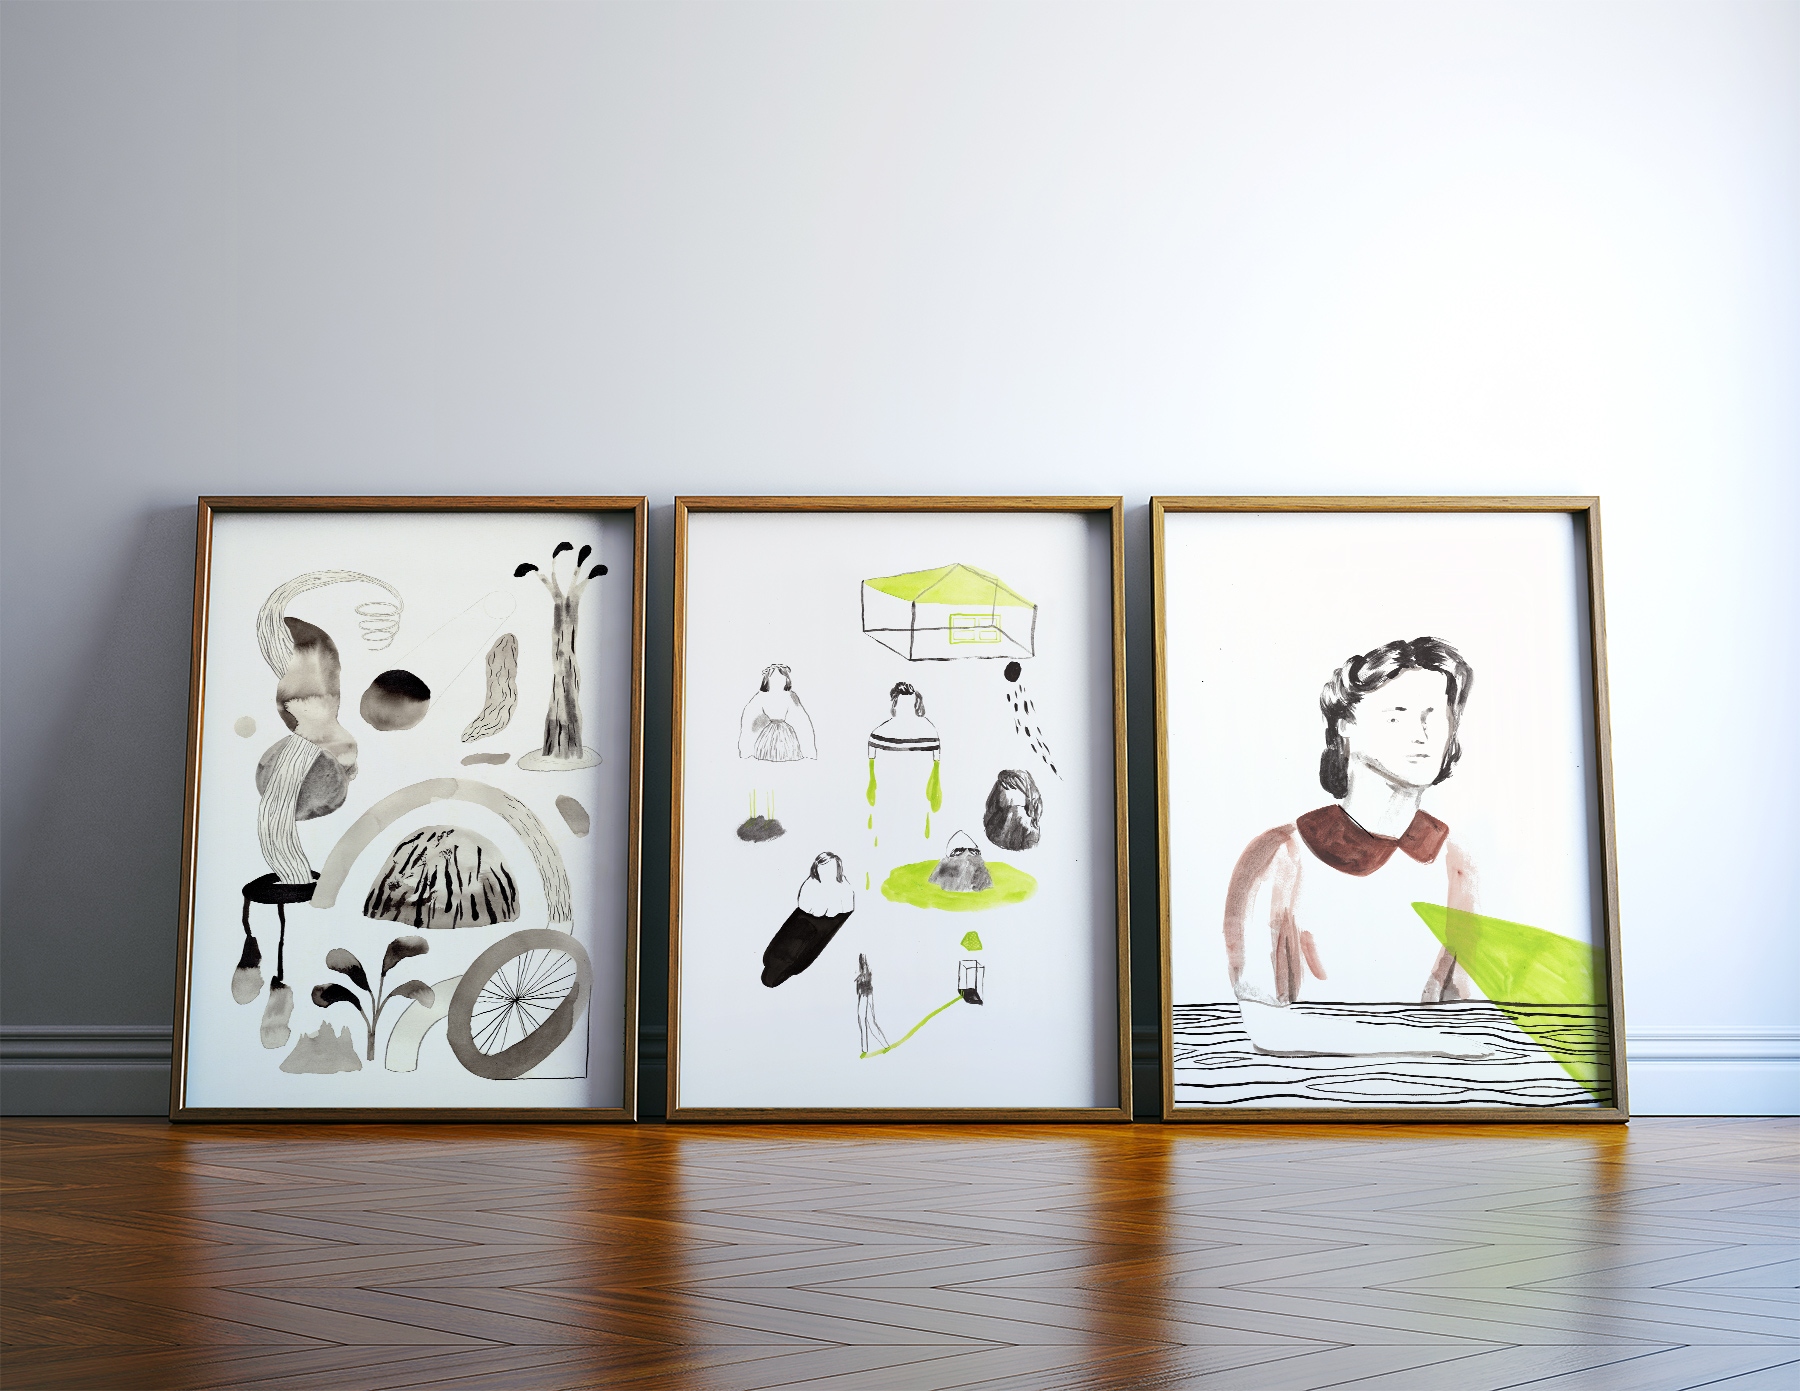 plakater-posters-kunsttryk, giclee-tryk, figurative, grafiske, portræt, kroppe, botanik, natur, sorte, brune, grønne, hvide, blæk, papir, smukke, tøj, dansk, dekorative, design, ansigter, kvindelig, interiør, bolig-indretning, nordisk, skandinavisk, kvinder, Køb original kunst og kunstplakater. Malerier, tegninger, limited edition kunsttryk & plakater af dygtige kunstnere.